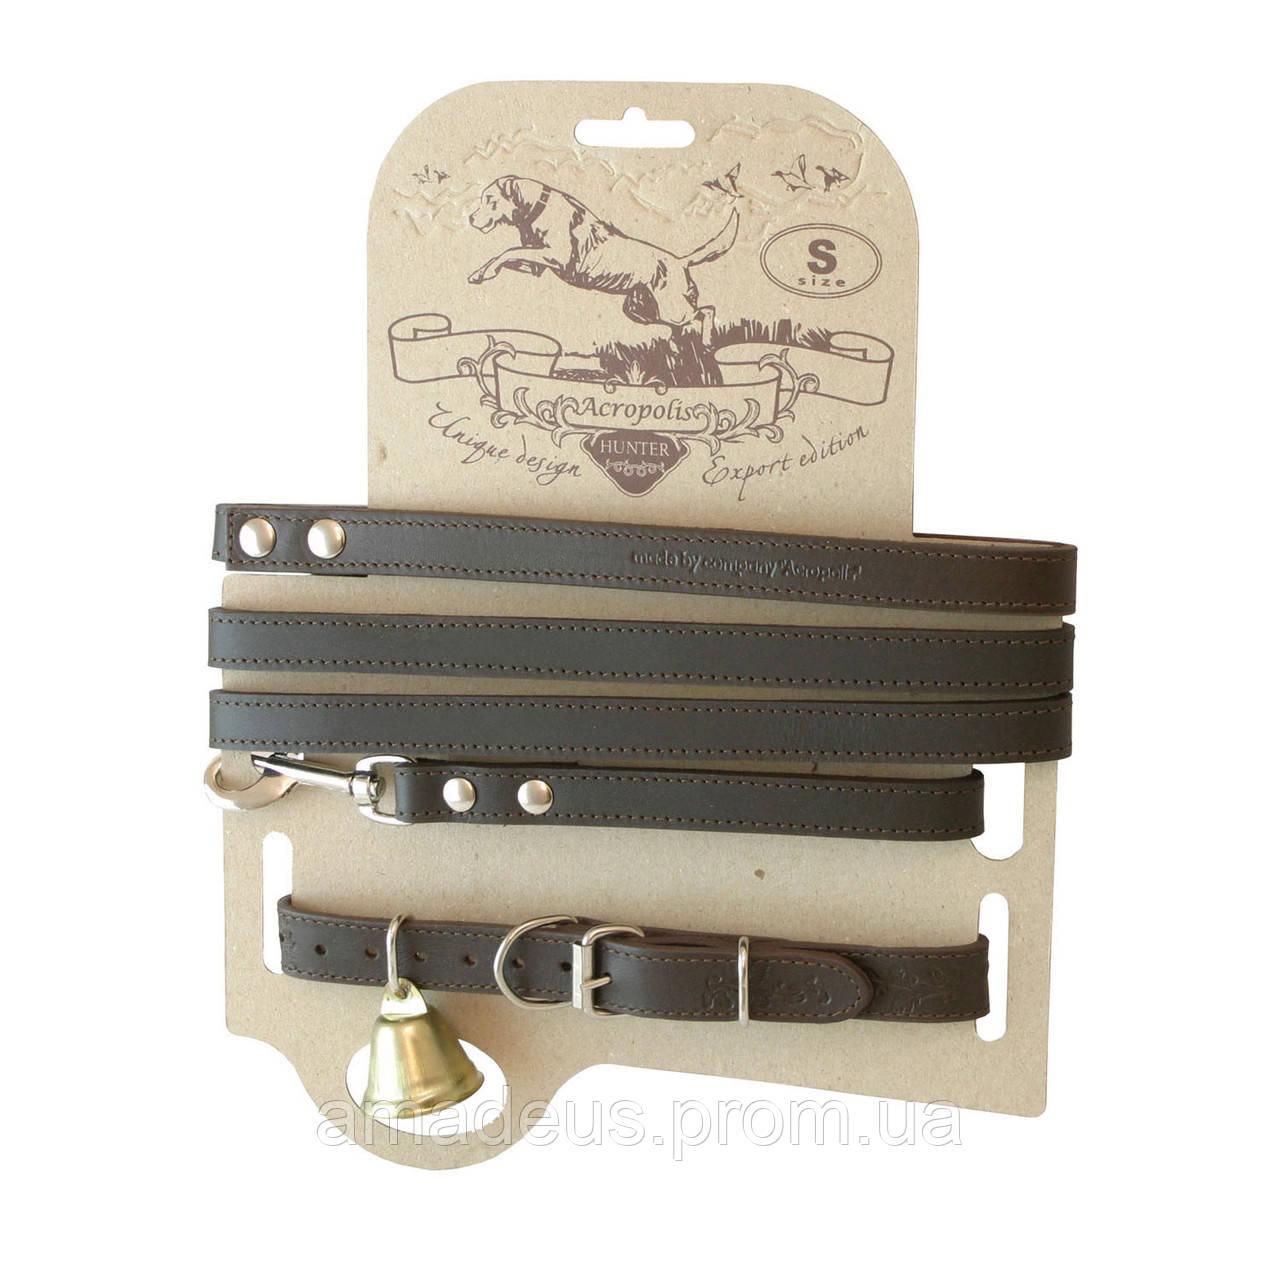 Кожаный ошейник с поводком для охотничьих собак СКО-1